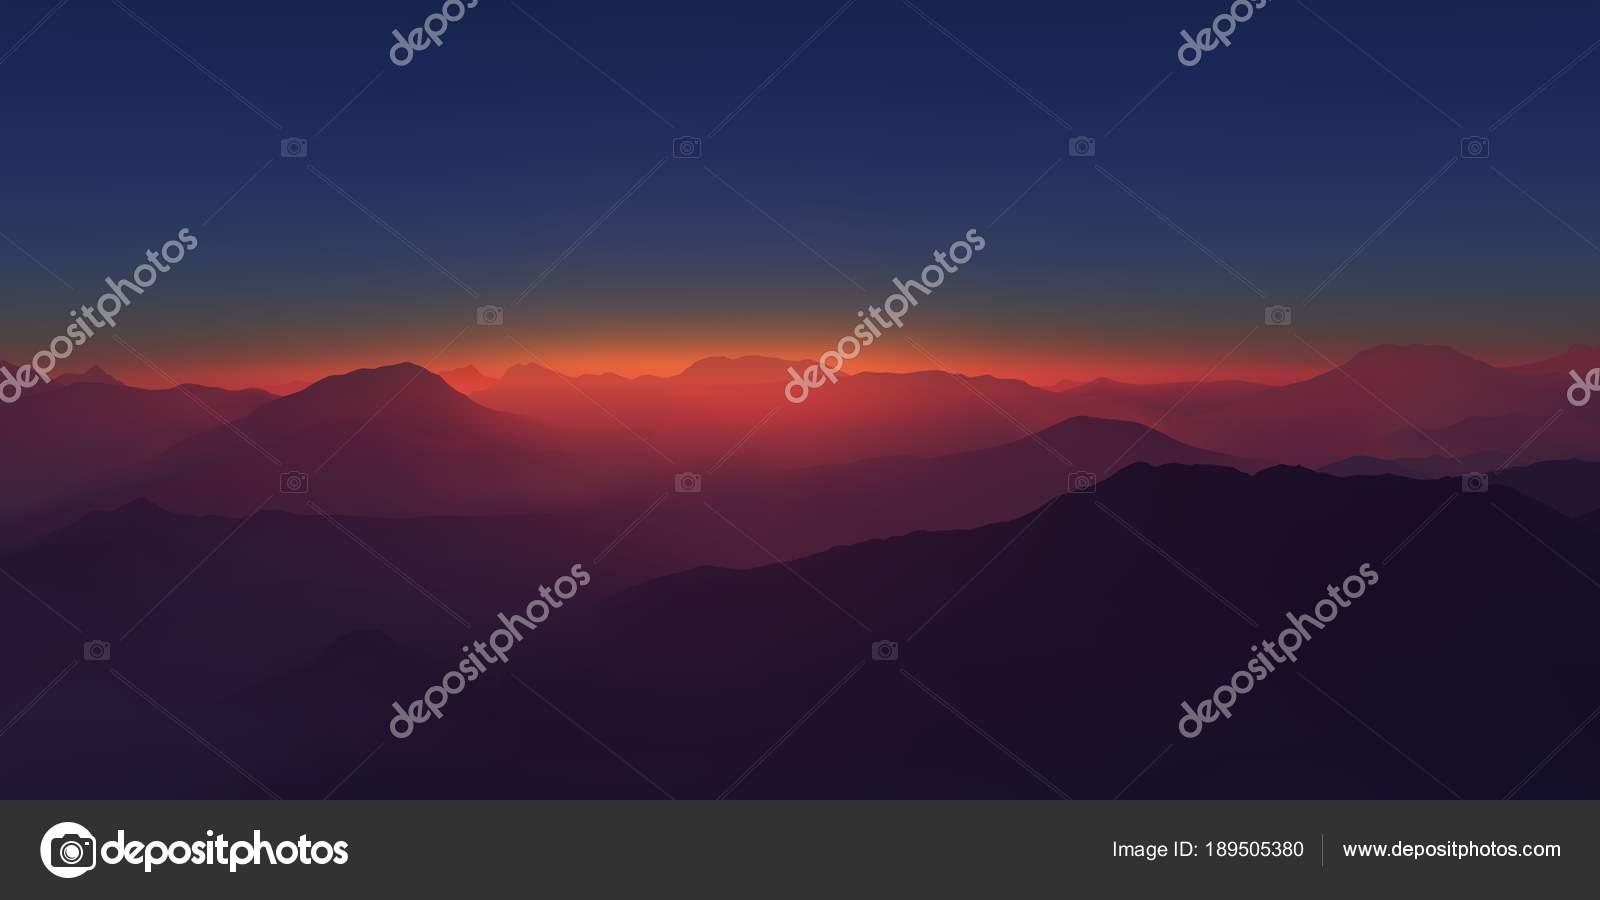 Paisagem de montanha panorama acima das montanhas voando sobre as uma bela paisagem montanhosa lindo cu ao entardecer bem acima das nuvens vetor de evgeniybelyaev thecheapjerseys Choice Image